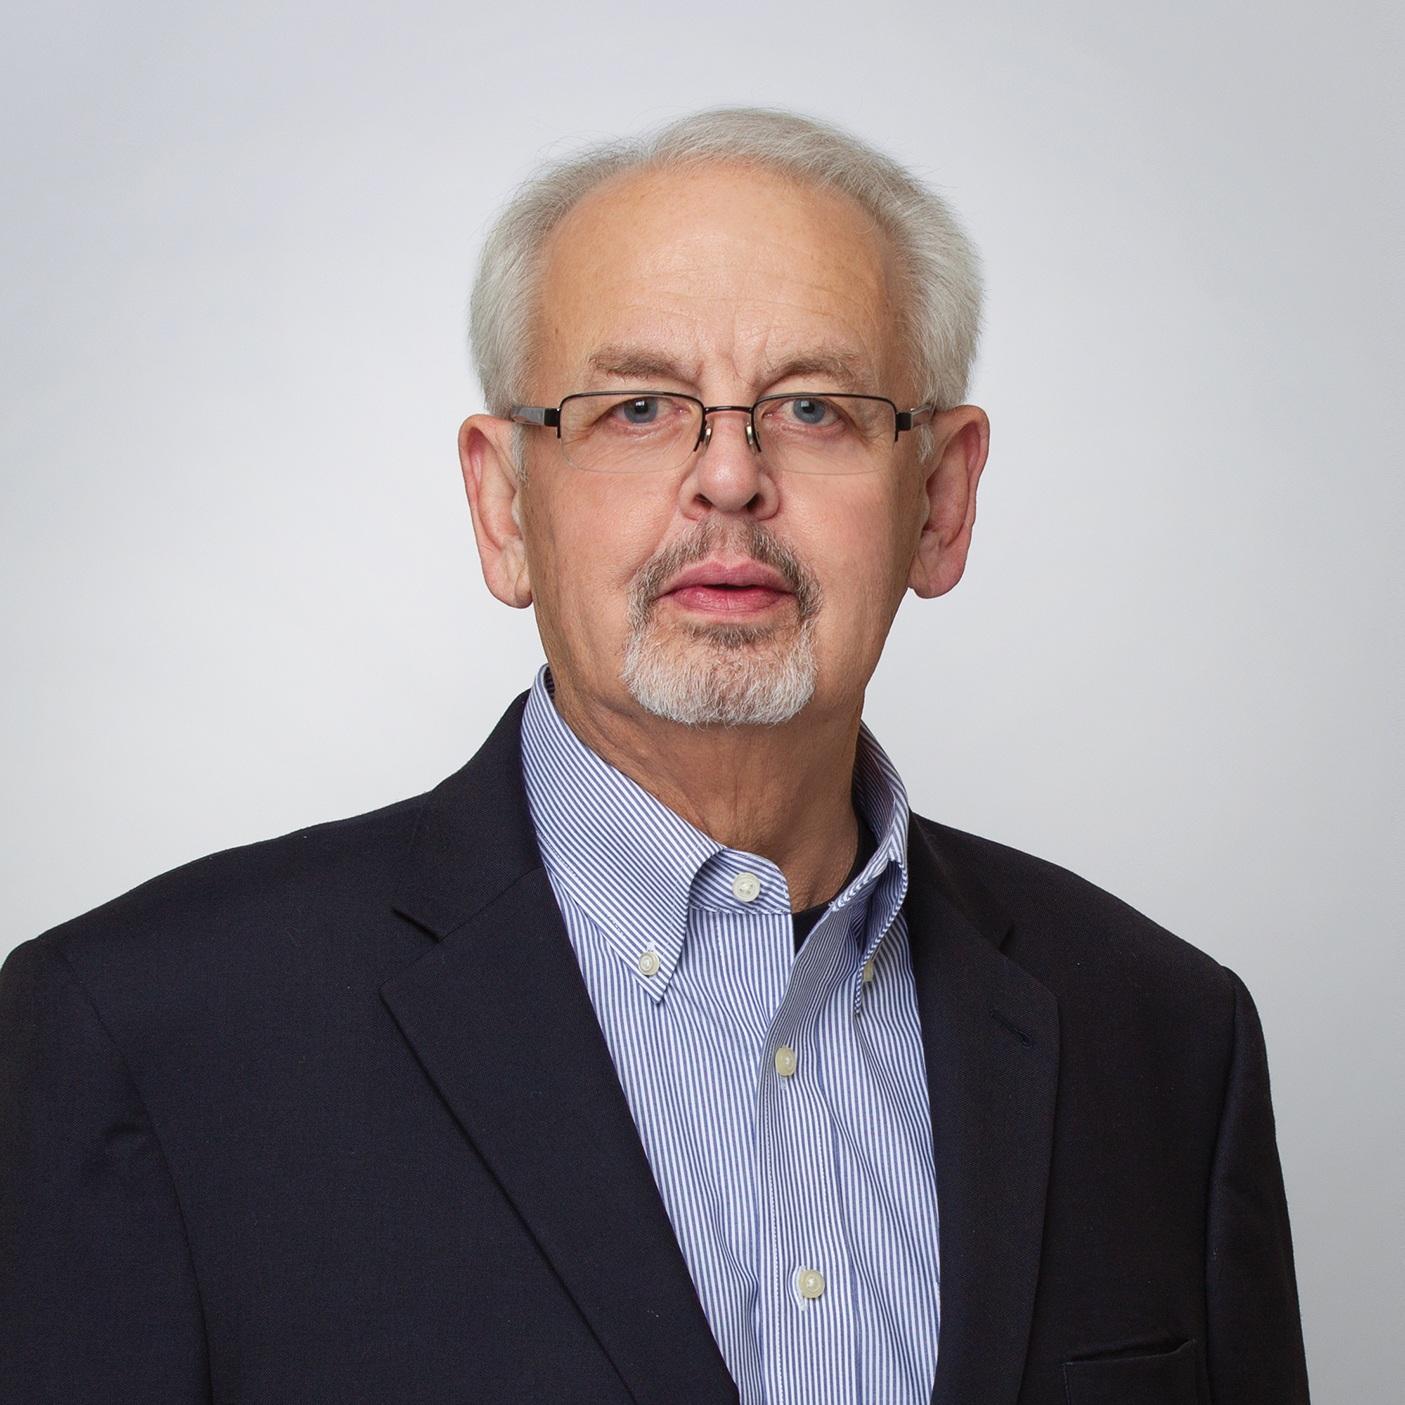 Paul Milligan